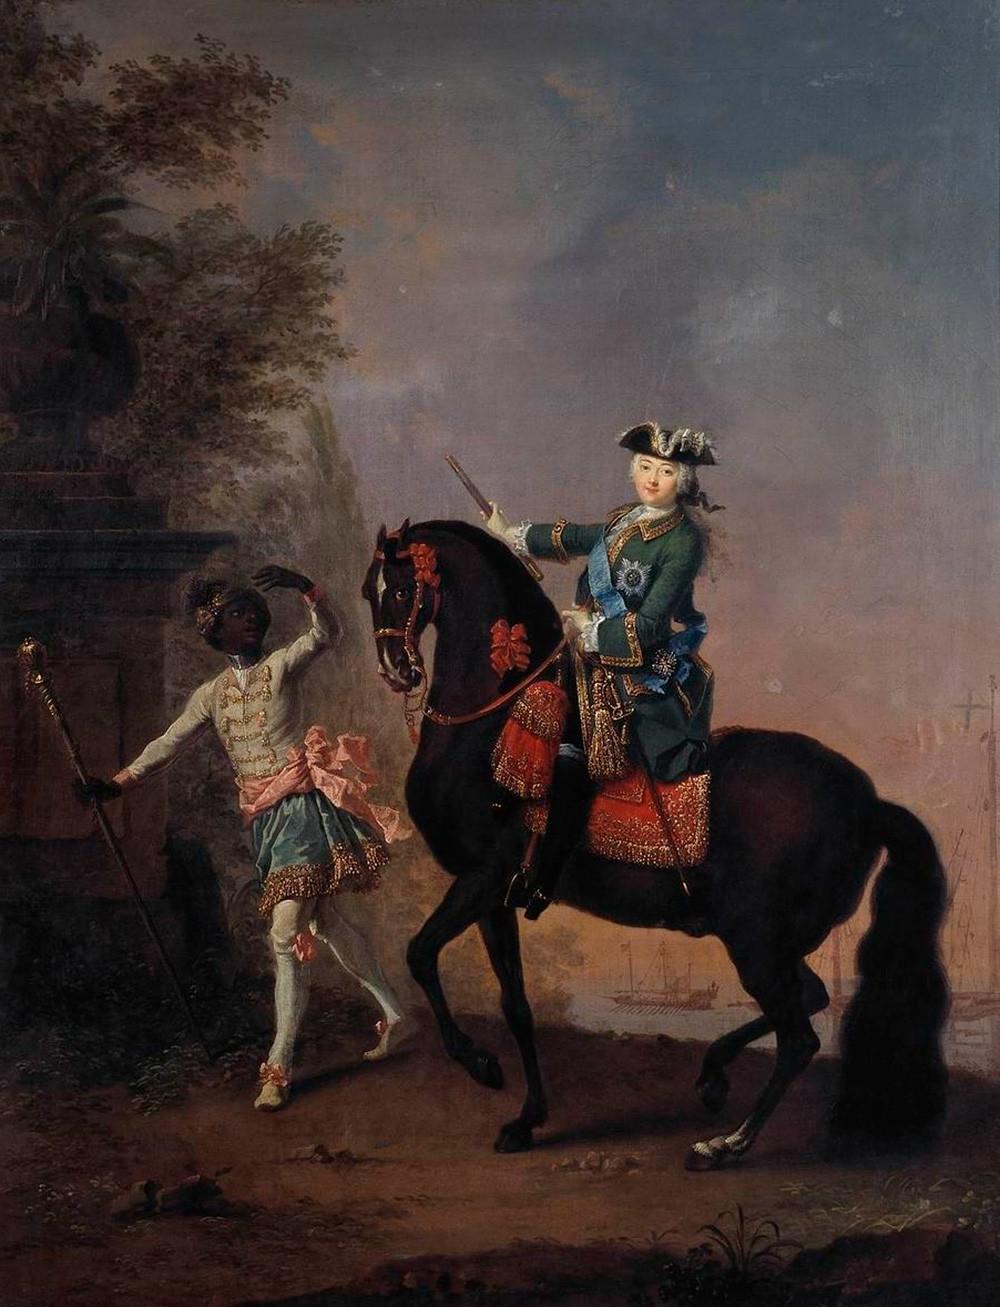 Élisabeth Ire accompagnée d'un serviteur d'origine africaine